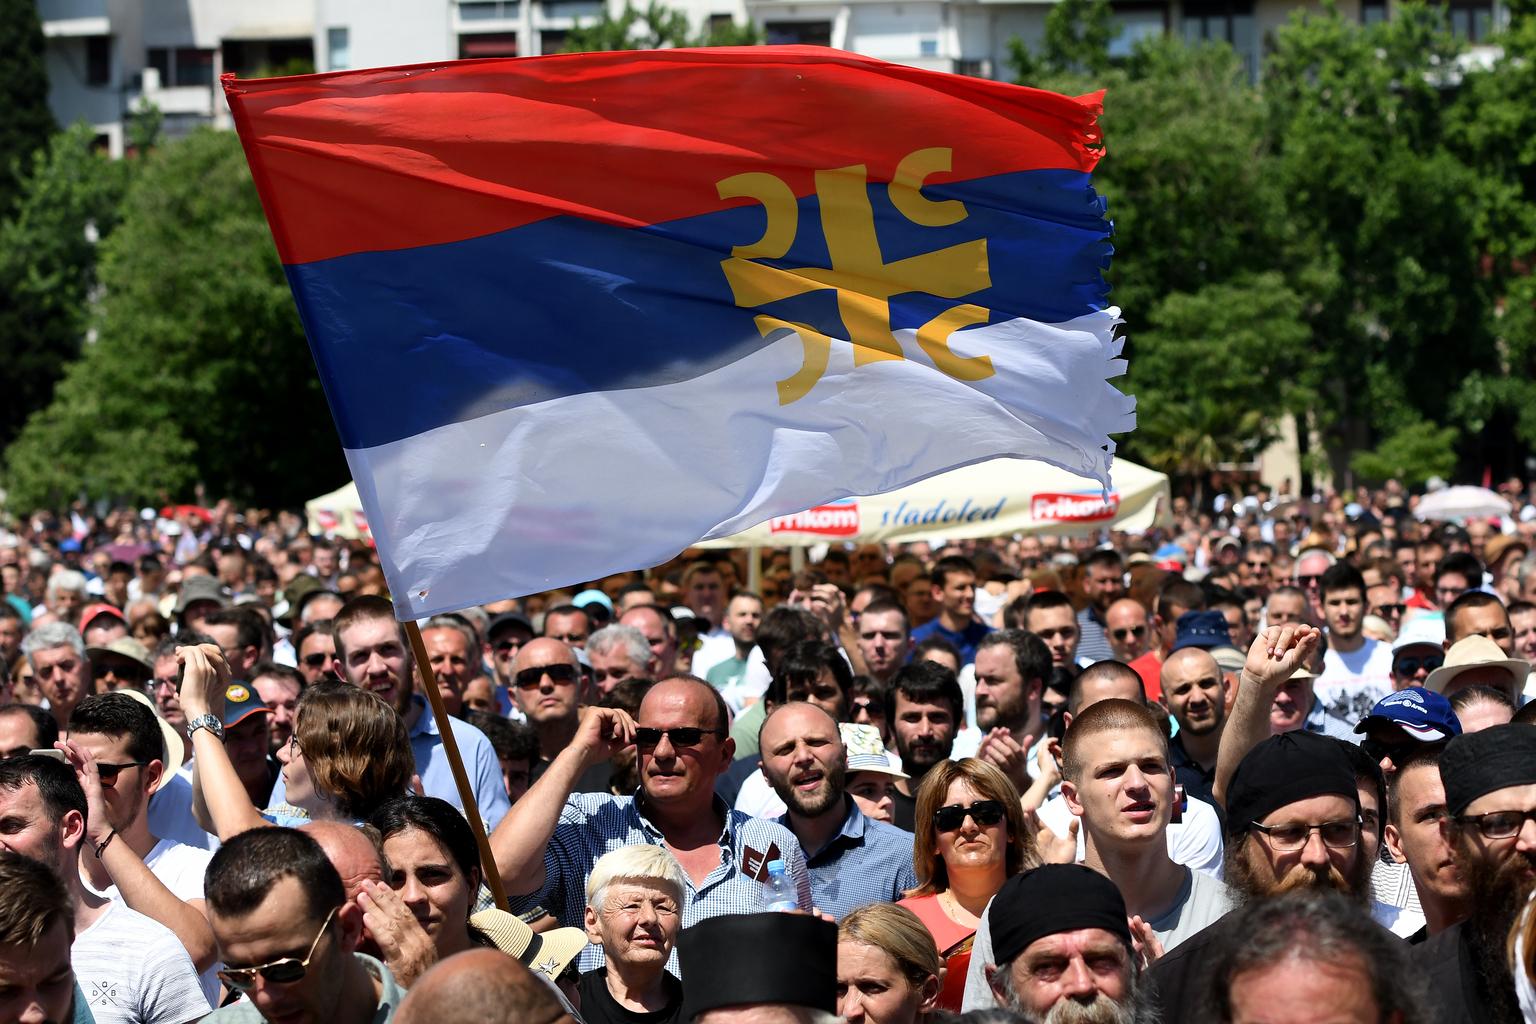 Résztvevők a szerb kormány szabadtéri tanácsának gyűlésén Podgoricában 2019. jónius 15-én, ahol ismertették azt a törvénytervezetet, amely kimondja, hogy a Szerb Ortodox Egyház a Balkán nemzeteinek legnagyobb közössége #moszkvater